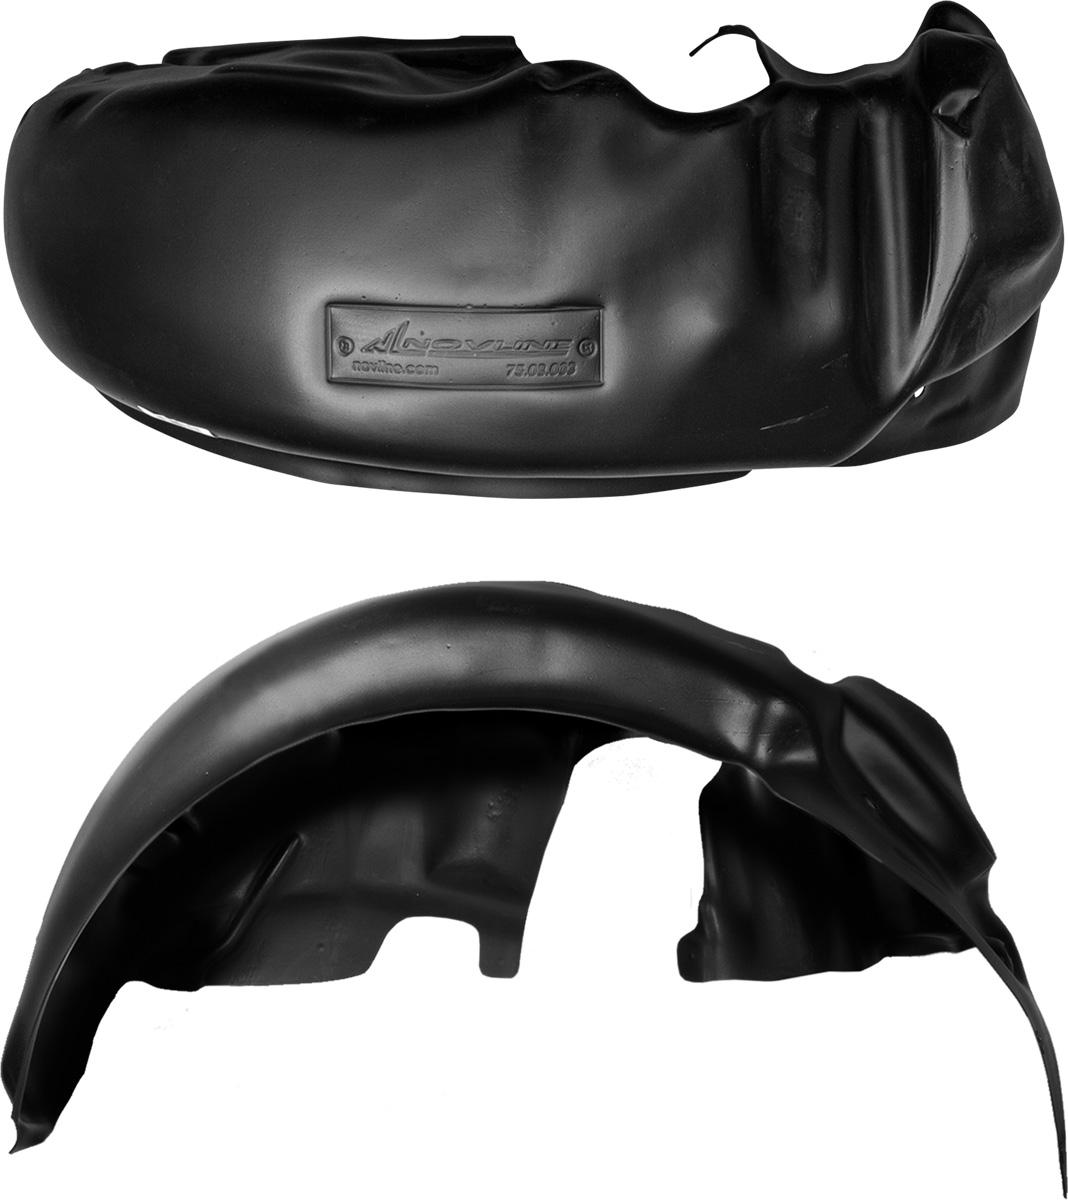 Подкрылок LIFAN X-60, 2012->, передний левыйNLL.73.04.001Колесные ниши – одни из самых уязвимых зон днища вашего автомобиля. Они постоянно подвергаются воздействию со стороны дороги. Лучшая, почти абсолютная защита для них - специально отформованные пластиковые кожухи, которые называются подкрылками, или локерами. Производятся они как для отечественных моделей автомобилей, так и для иномарок. Подкрылки выполнены из высококачественного, экологически чистого пластика. Обеспечивают надежную защиту кузова автомобиля от пескоструйного эффекта и негативного влияния, агрессивных антигололедных реагентов. Пластик обладает более низкой теплопроводностью, чем металл, поэтому в зимний период эксплуатации использование пластиковых подкрылков позволяет лучше защитить колесные ниши от налипания снега и образования наледи. Оригинальность конструкции подчеркивает элегантность автомобиля, бережно защищает нанесенное на днище кузова антикоррозийное покрытие и позволяет осуществить крепление подкрылков внутри колесной арки практически без дополнительного...